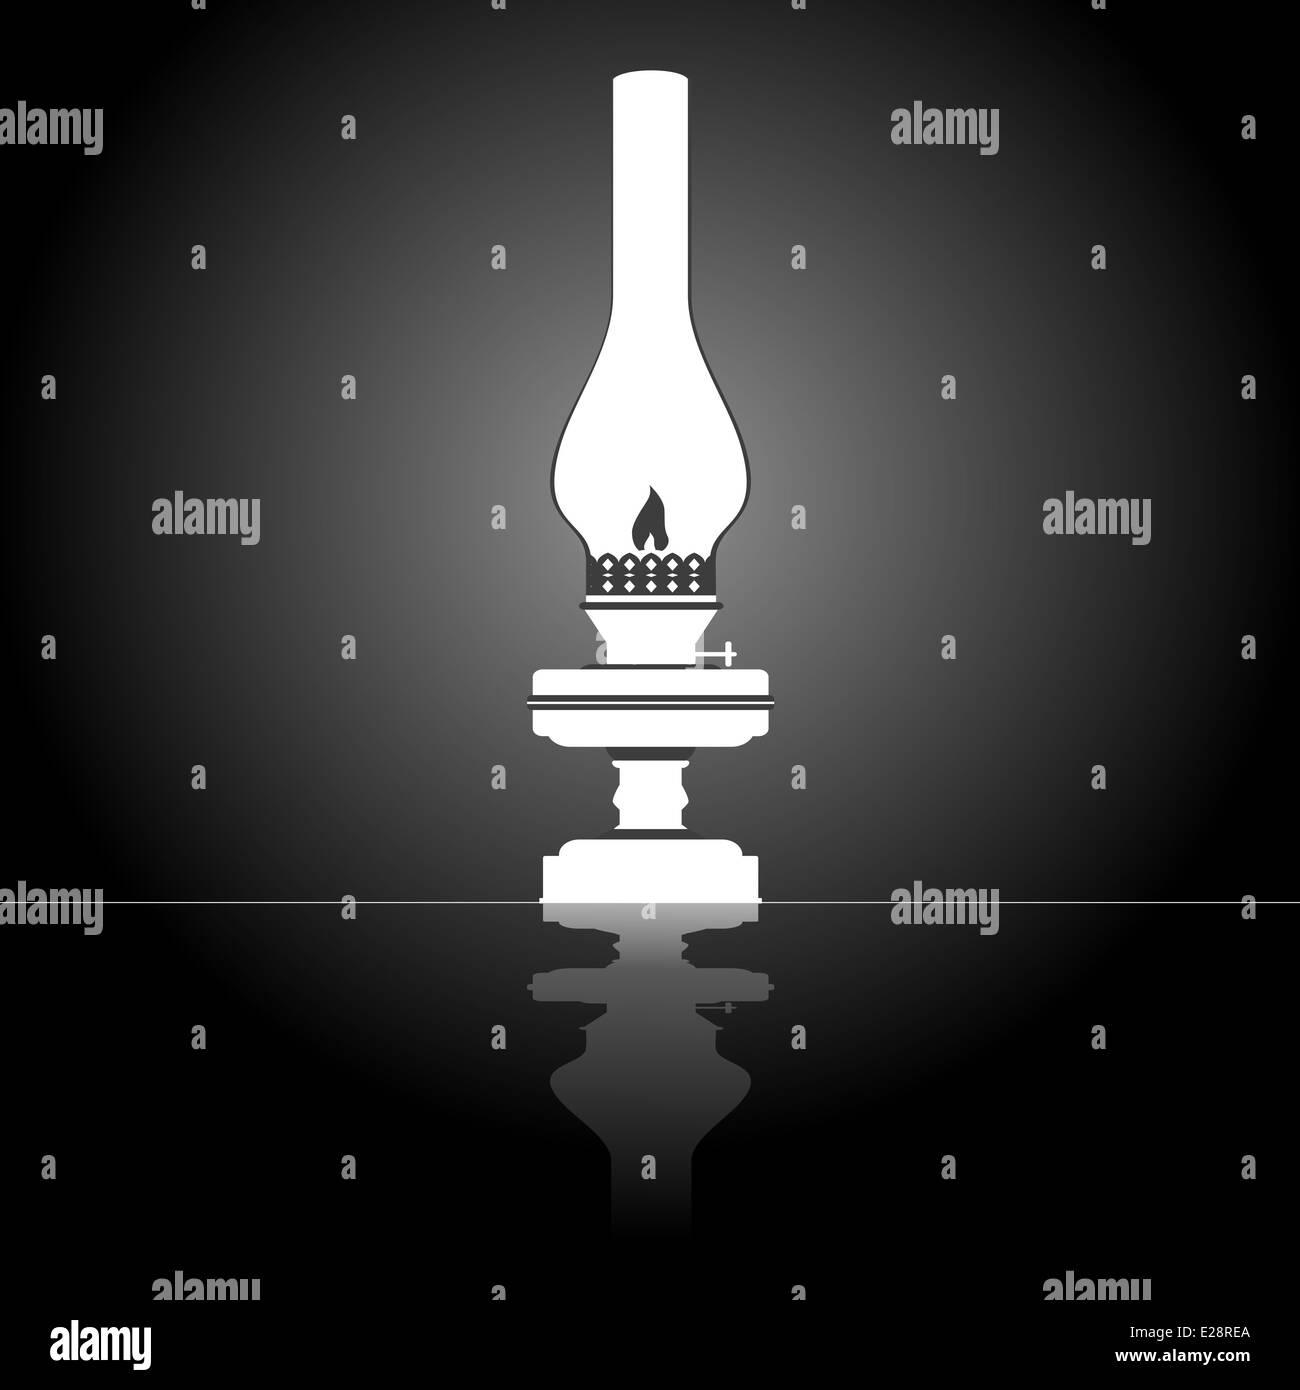 Burning old kerosene lamp. Illustration on black background. - Stock Image